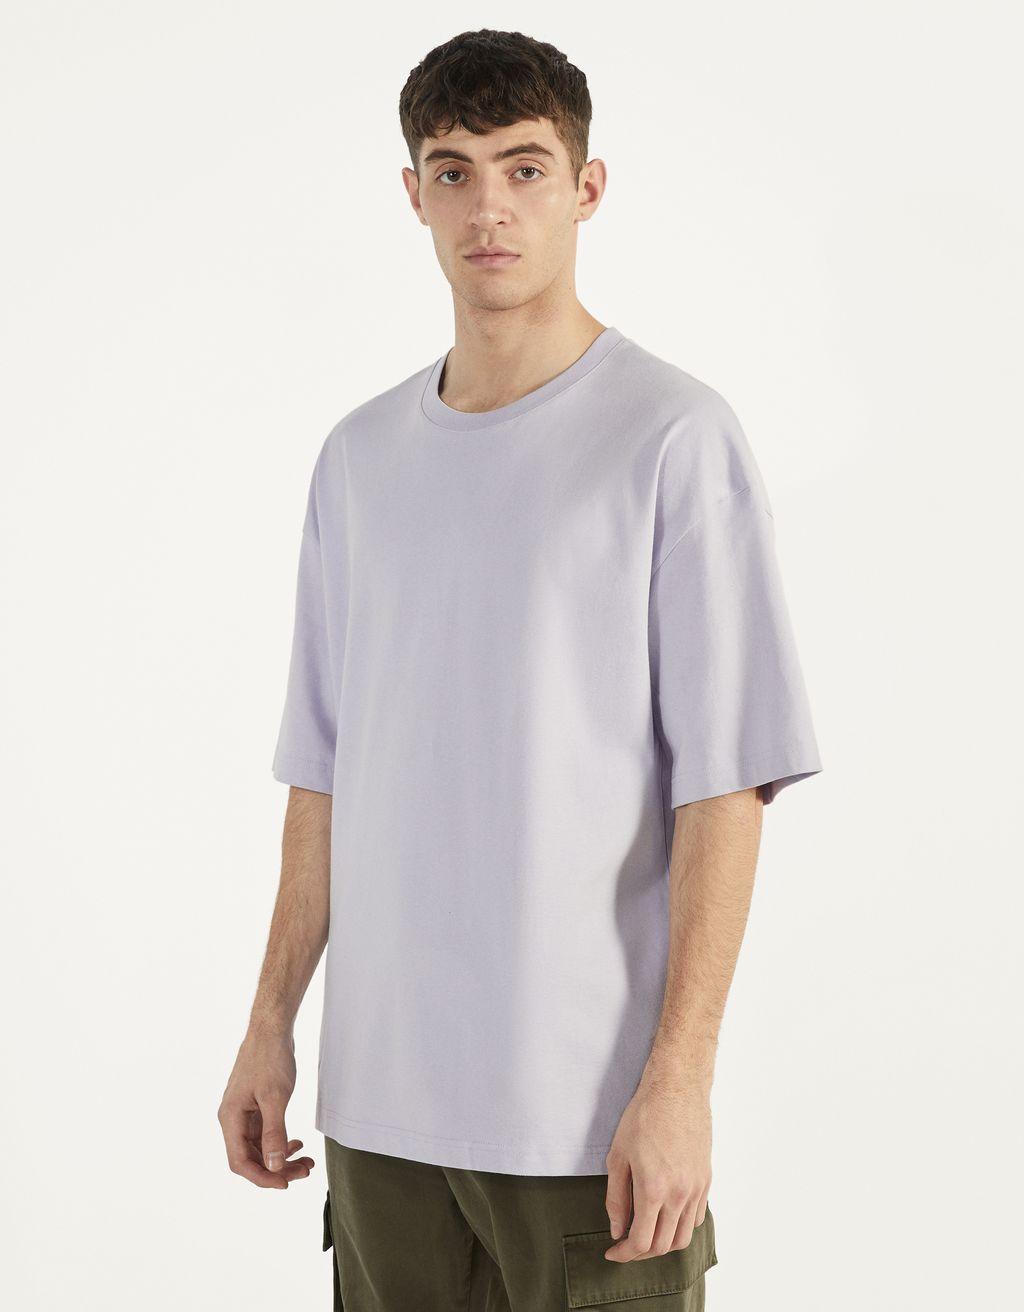 Dukslūs marškinėliai